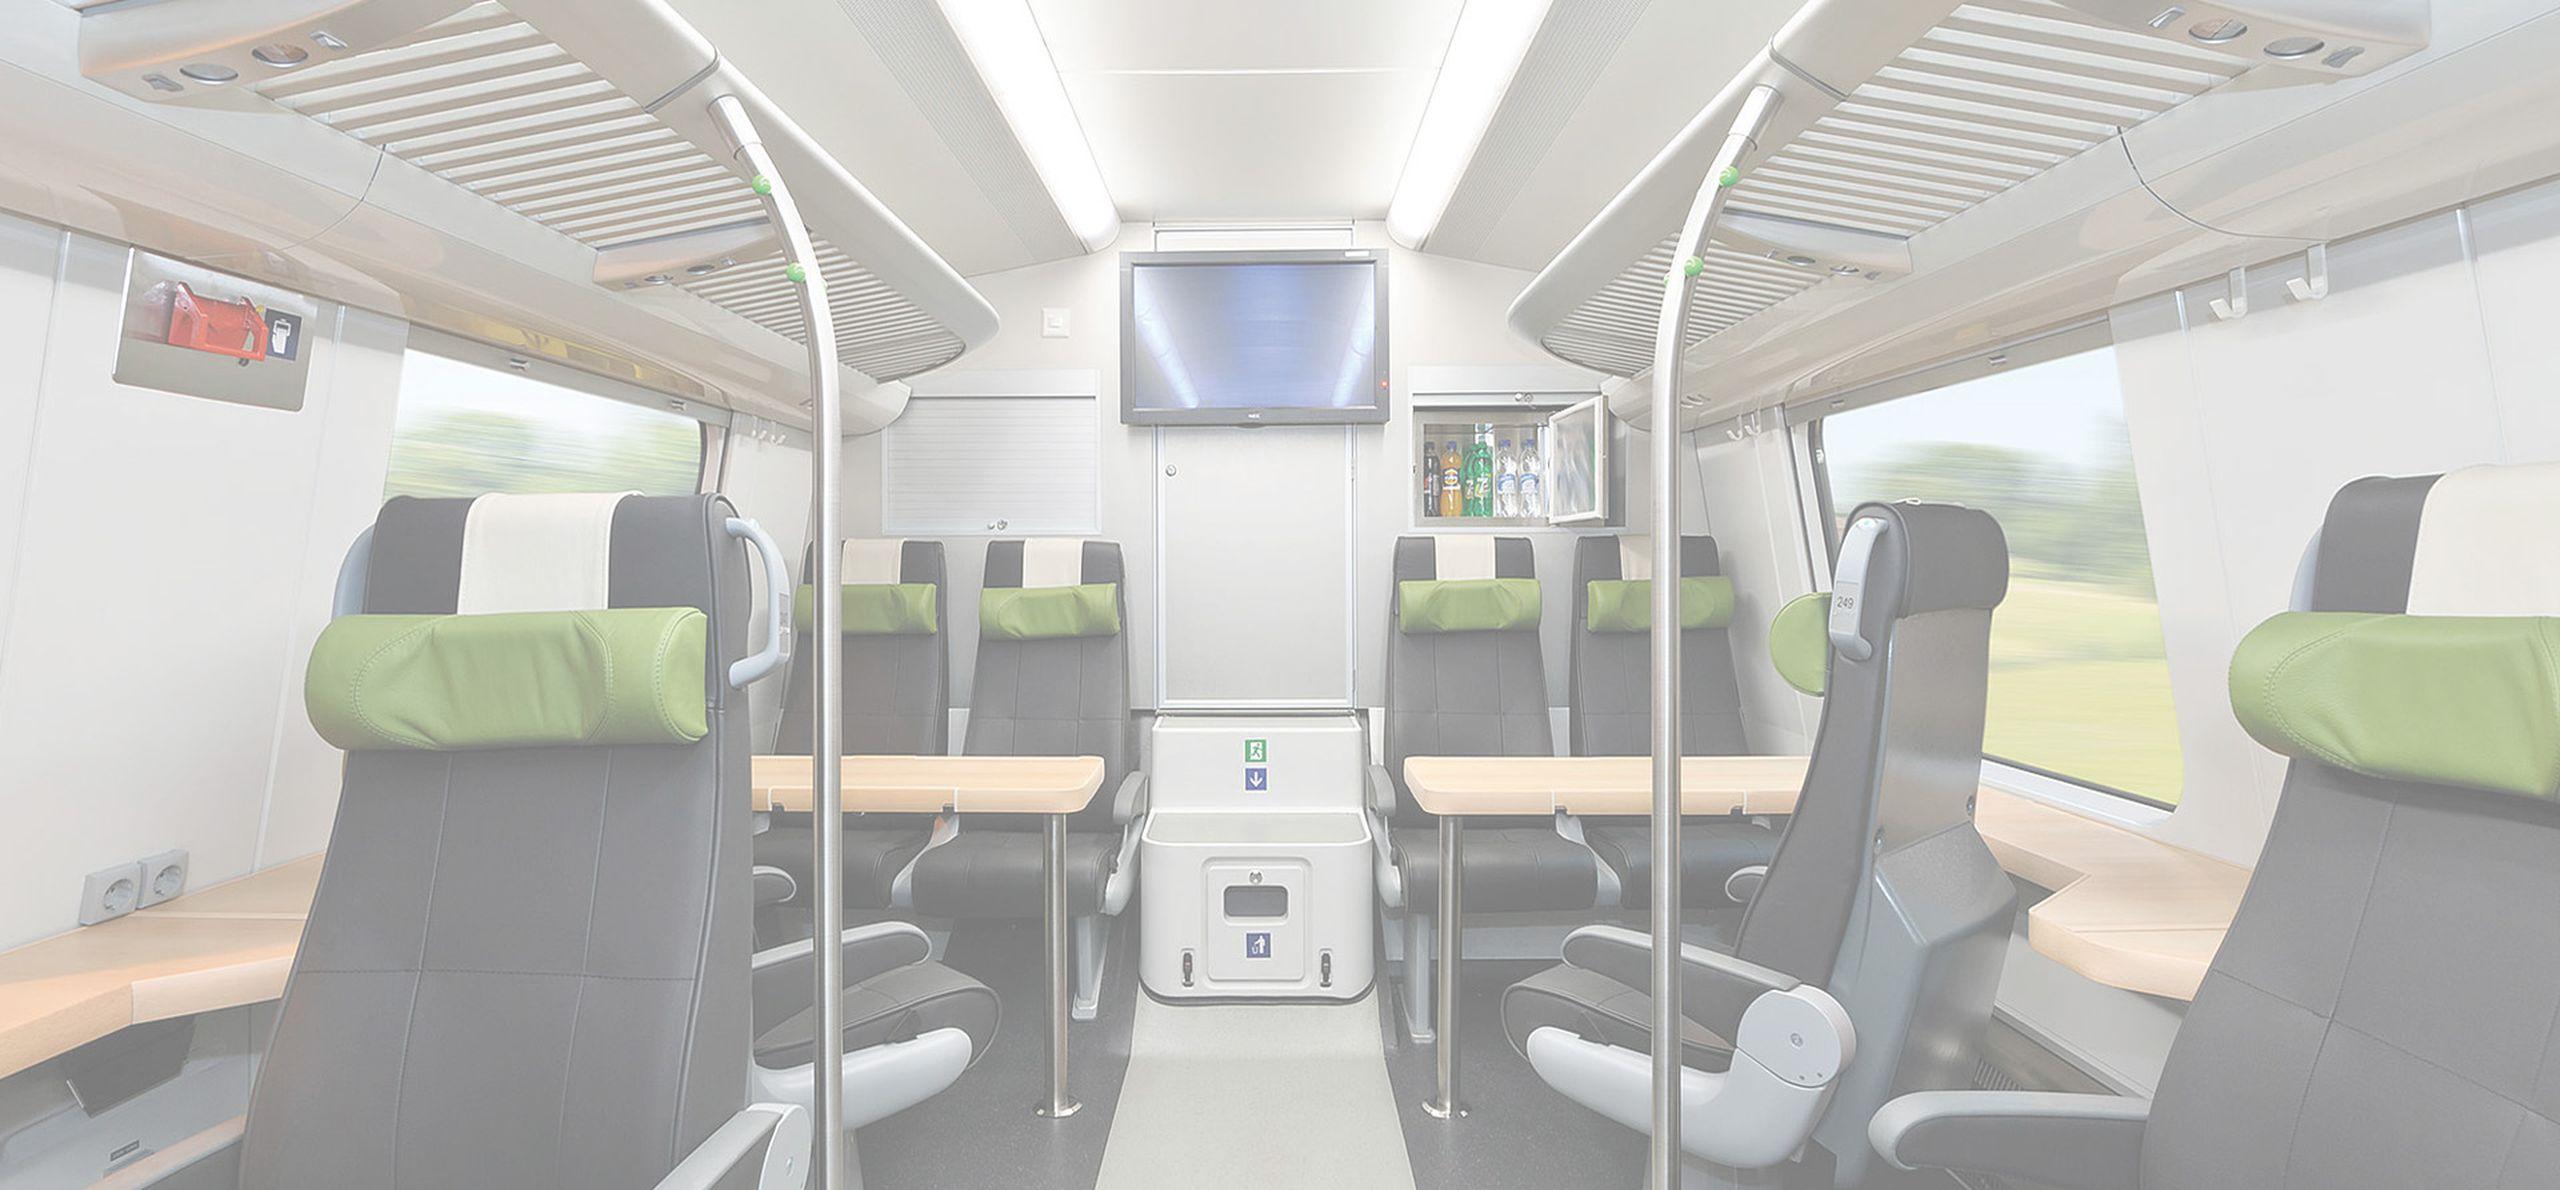 TEKNOWARE - interiérové osvětlení pro vozidla hromadné přepravy